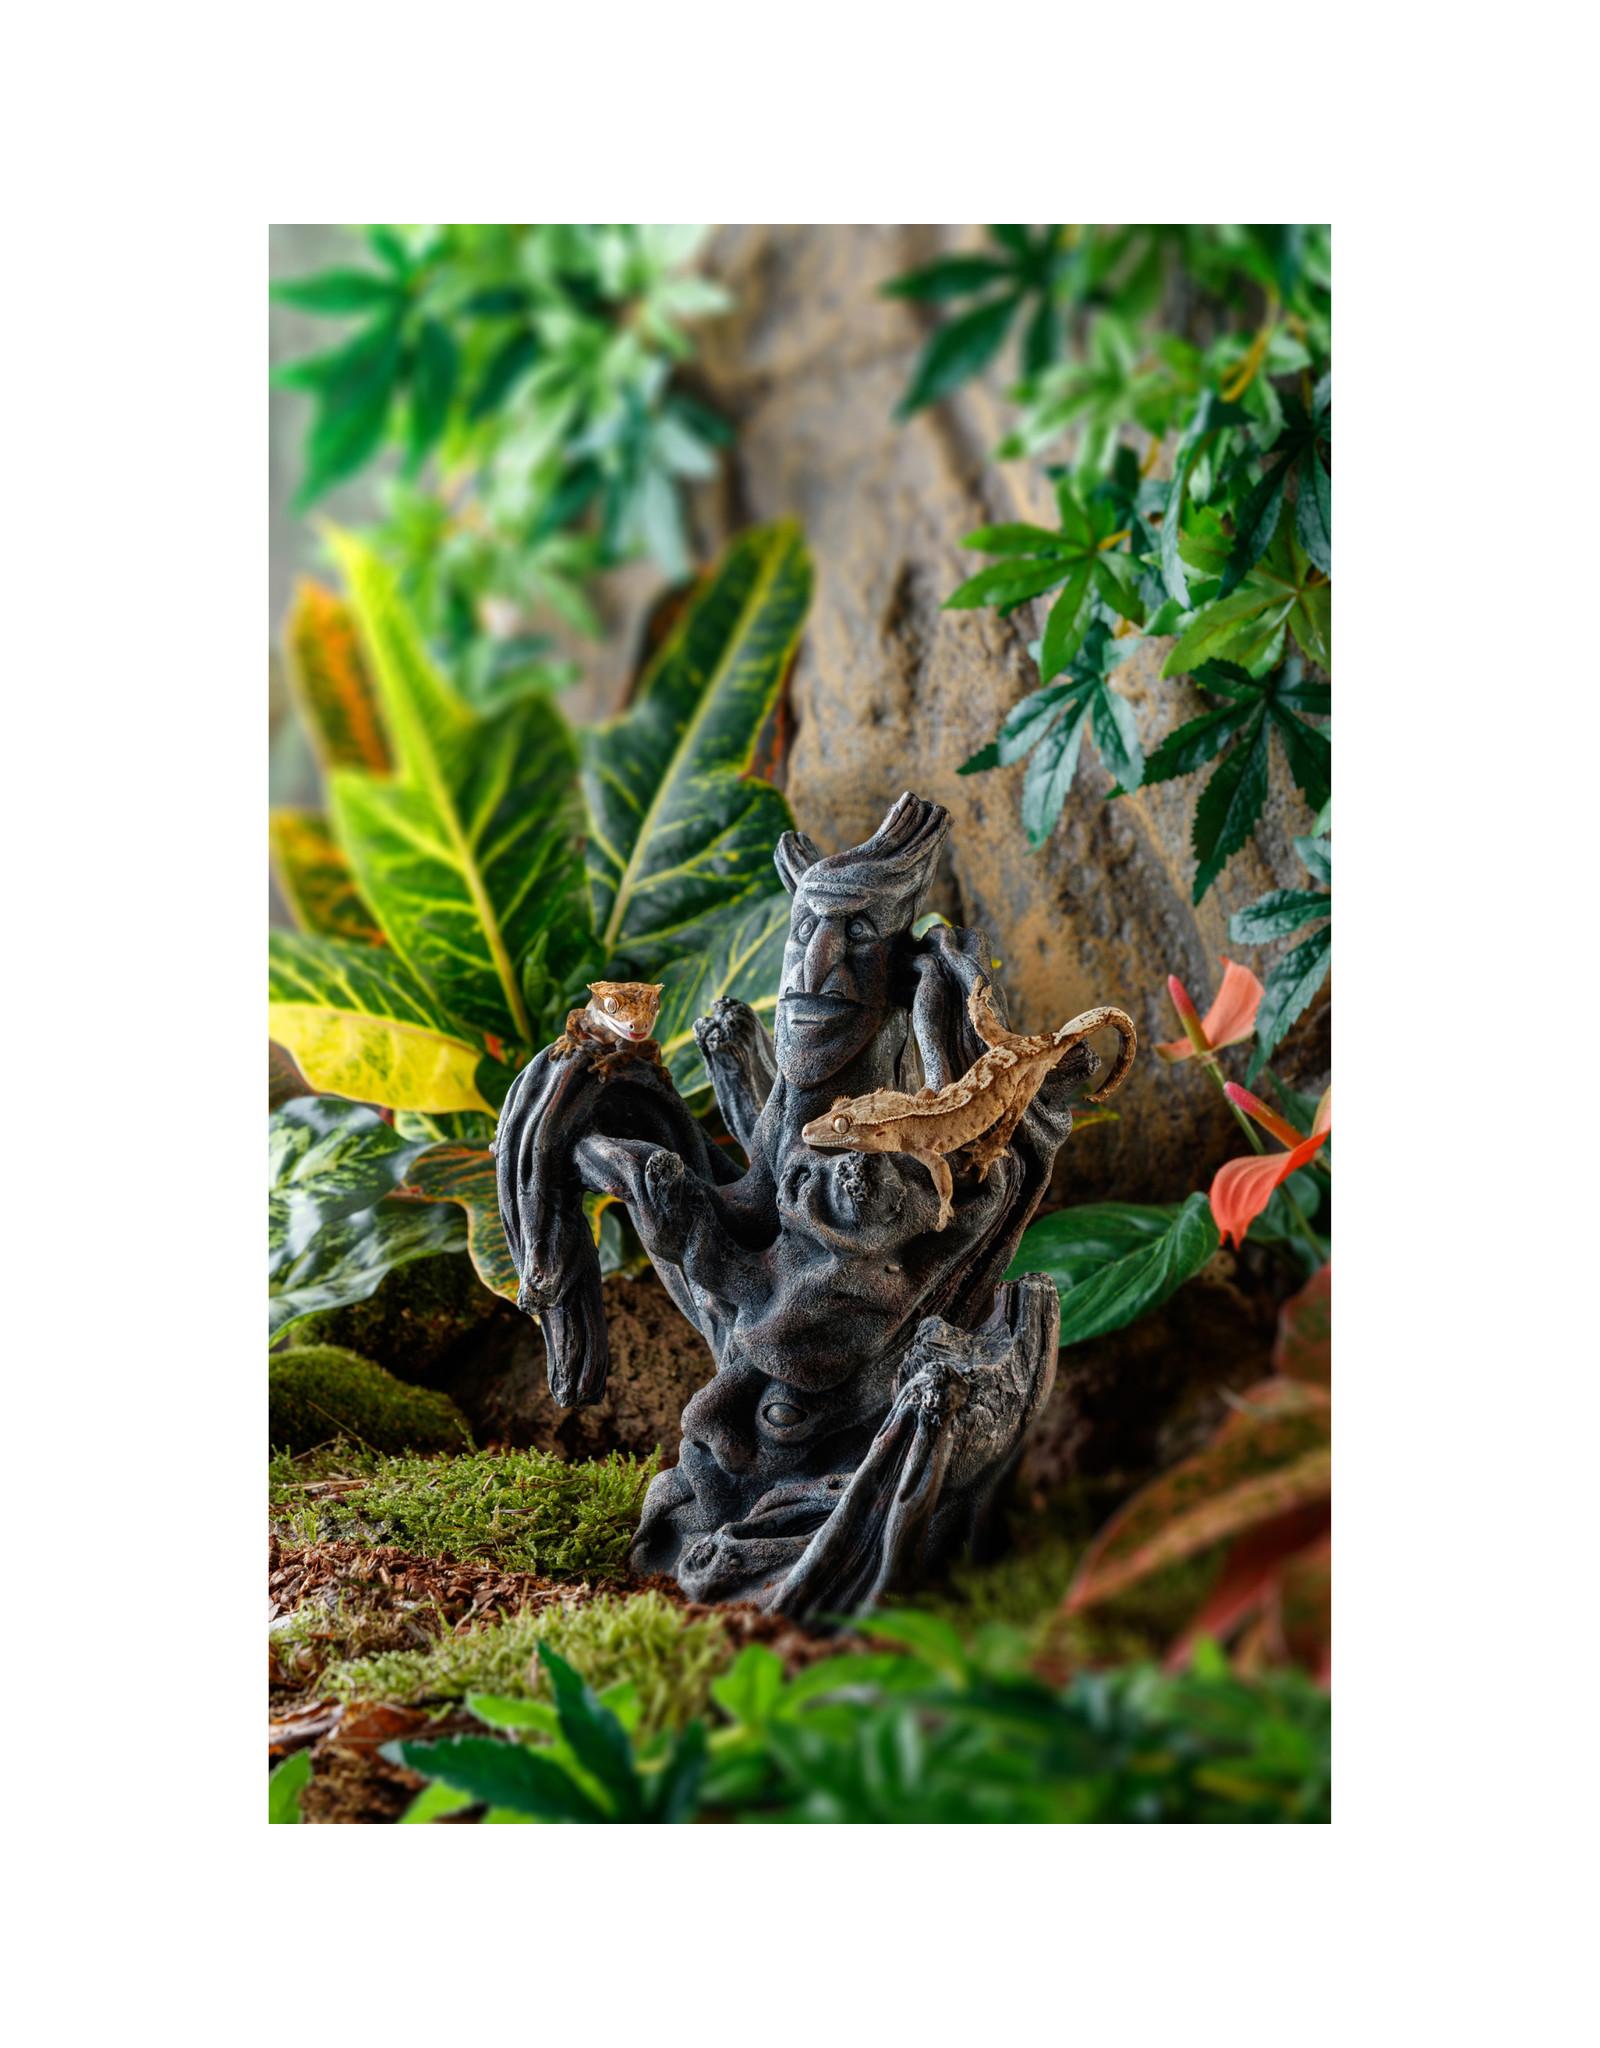 Exo Terra Tiki Ornament - Small